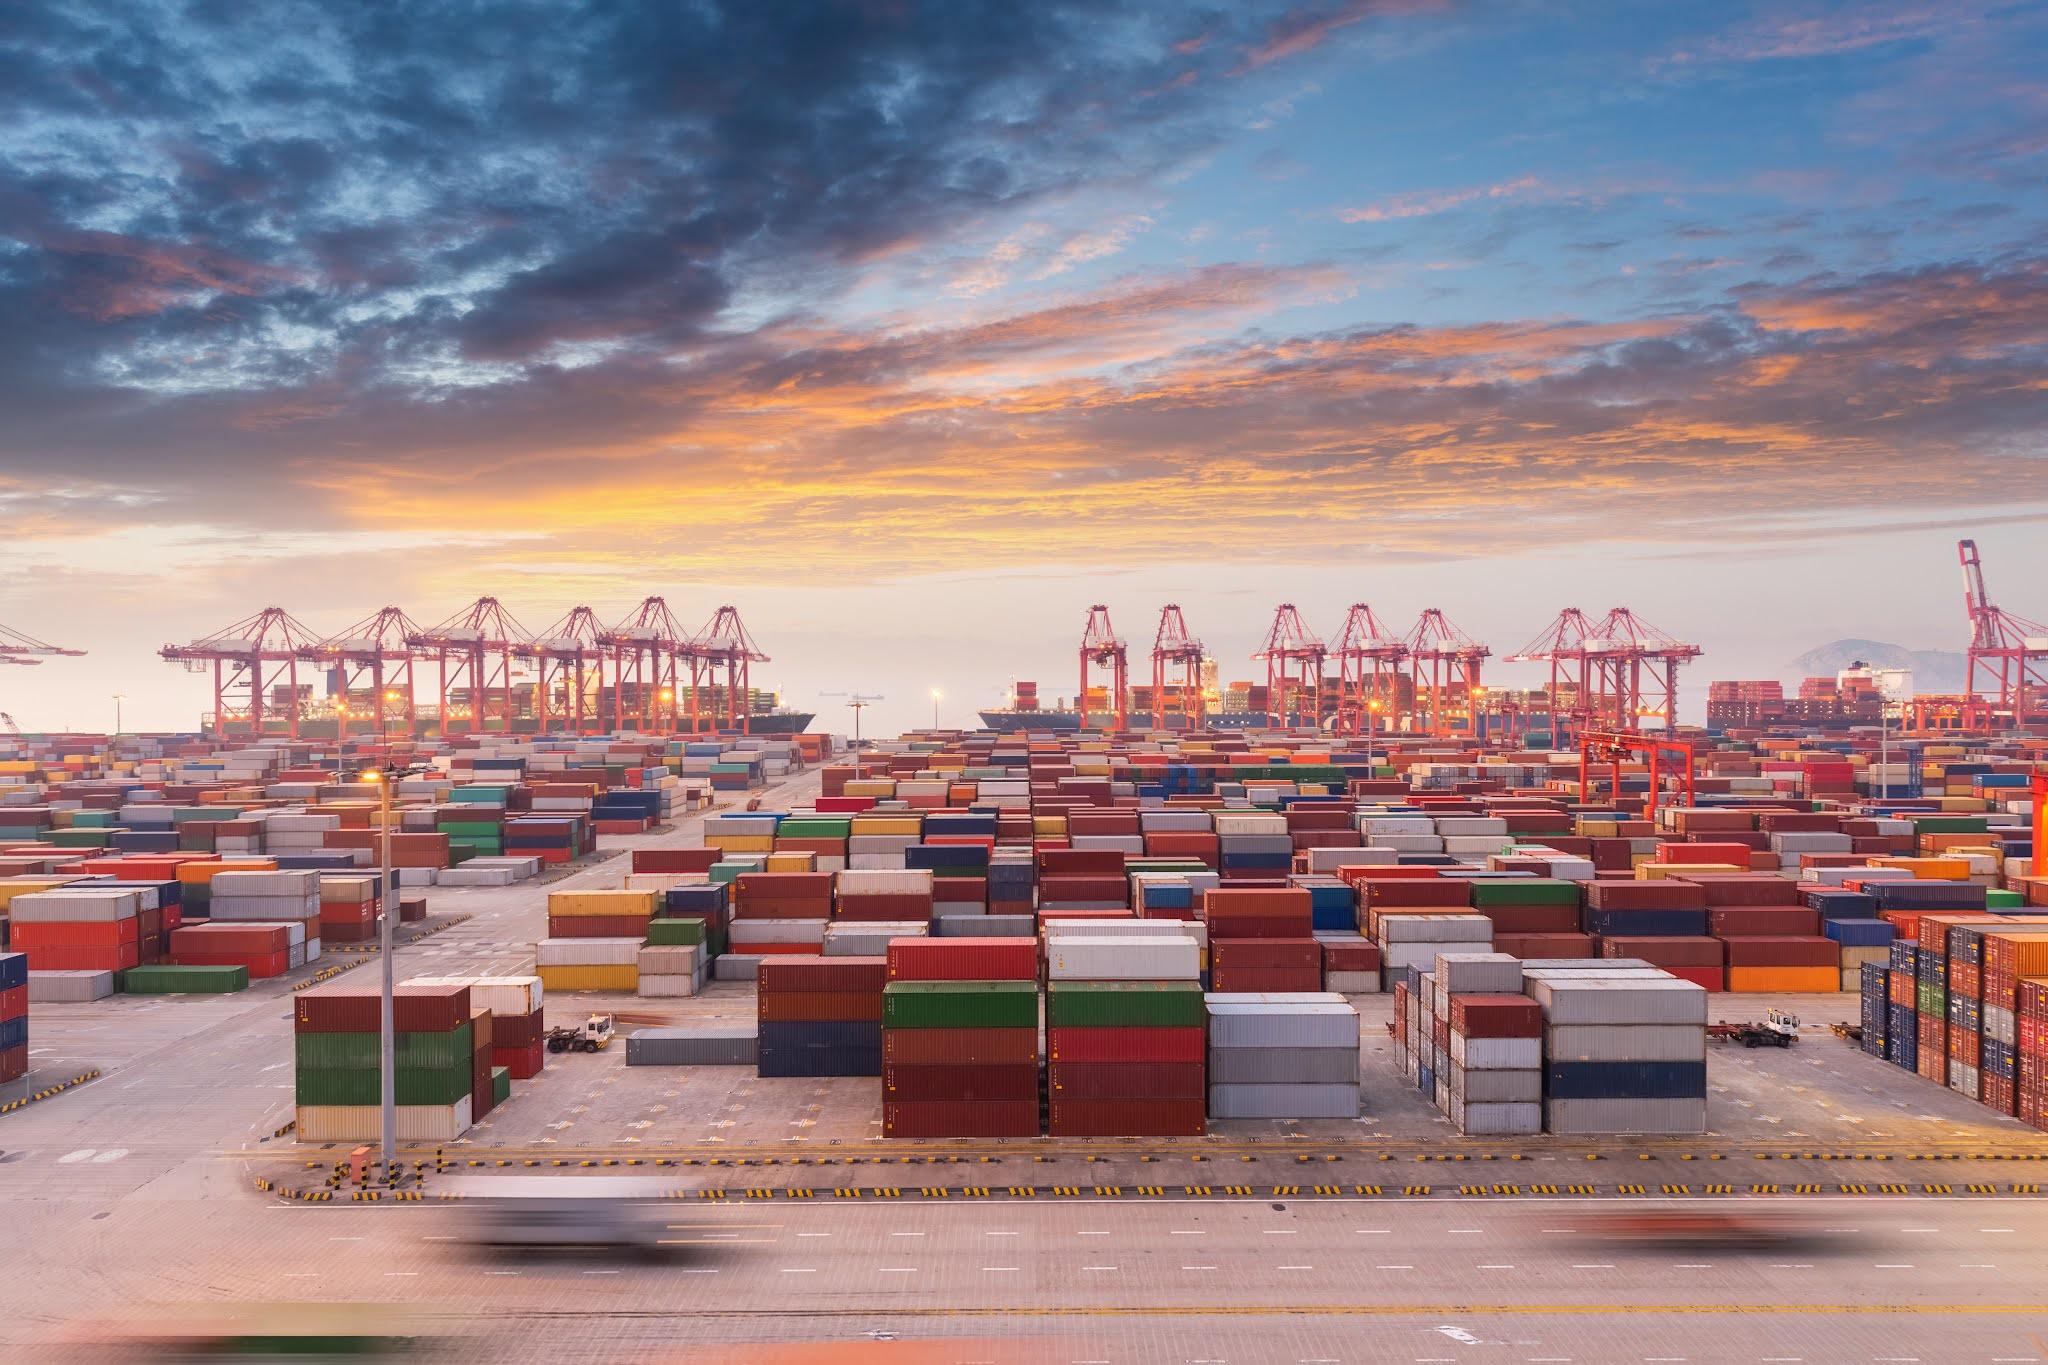 نمو حجم التجارة الثنائية الإماراتية UAE البحرينية في الربع الثاني بنسبة 75 في المئة